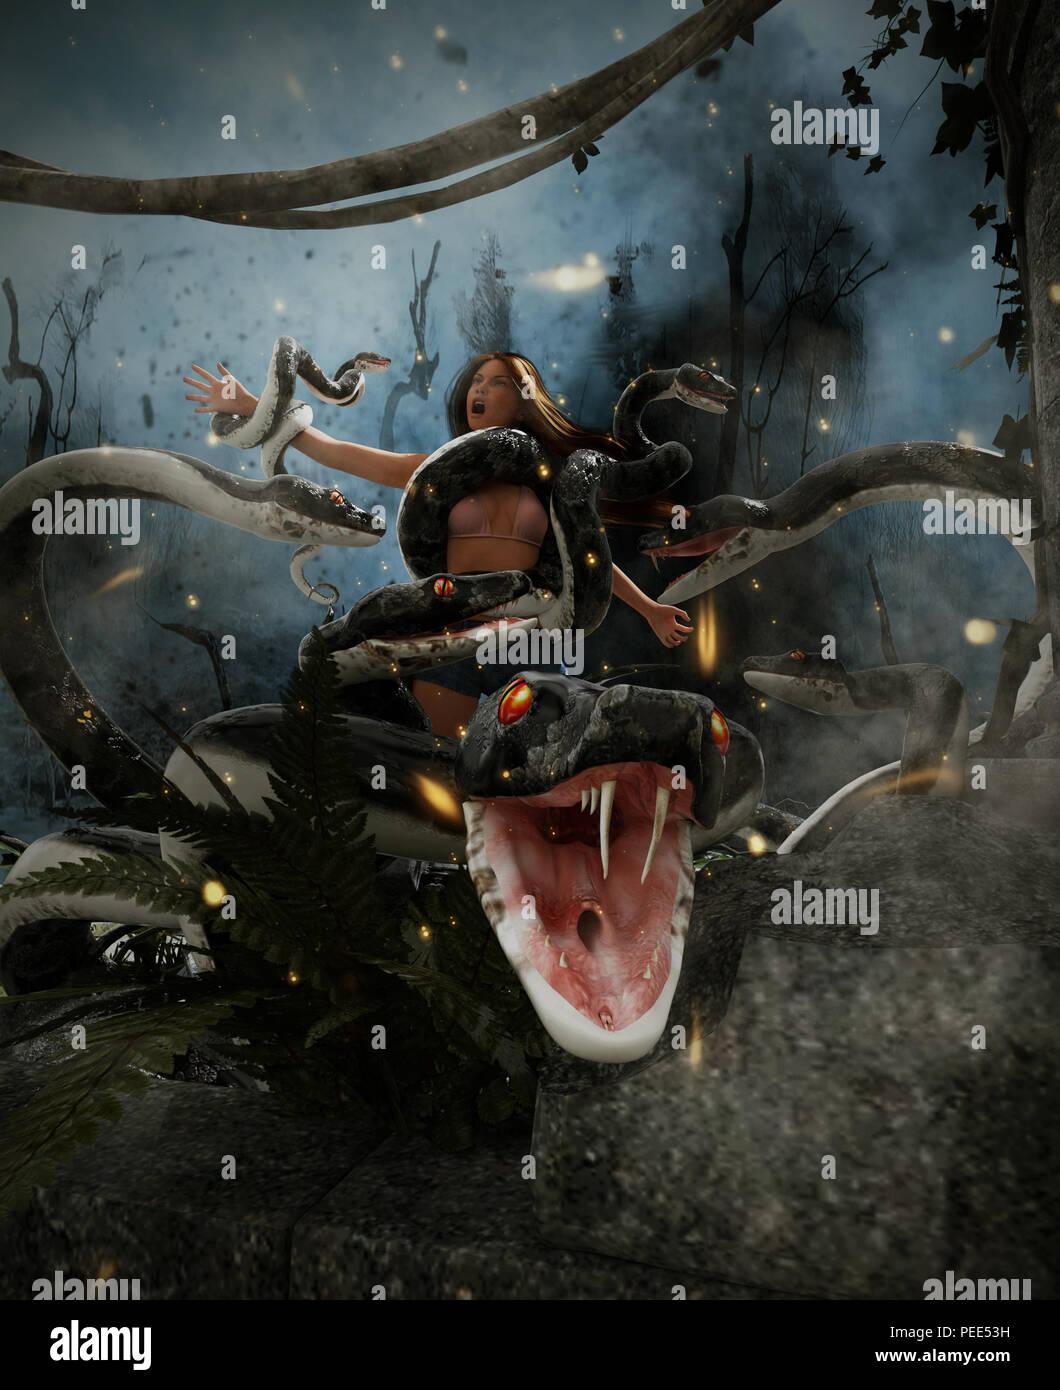 Fantasy Geant Attaque Une Femme Serpent 3d Technique Mixte